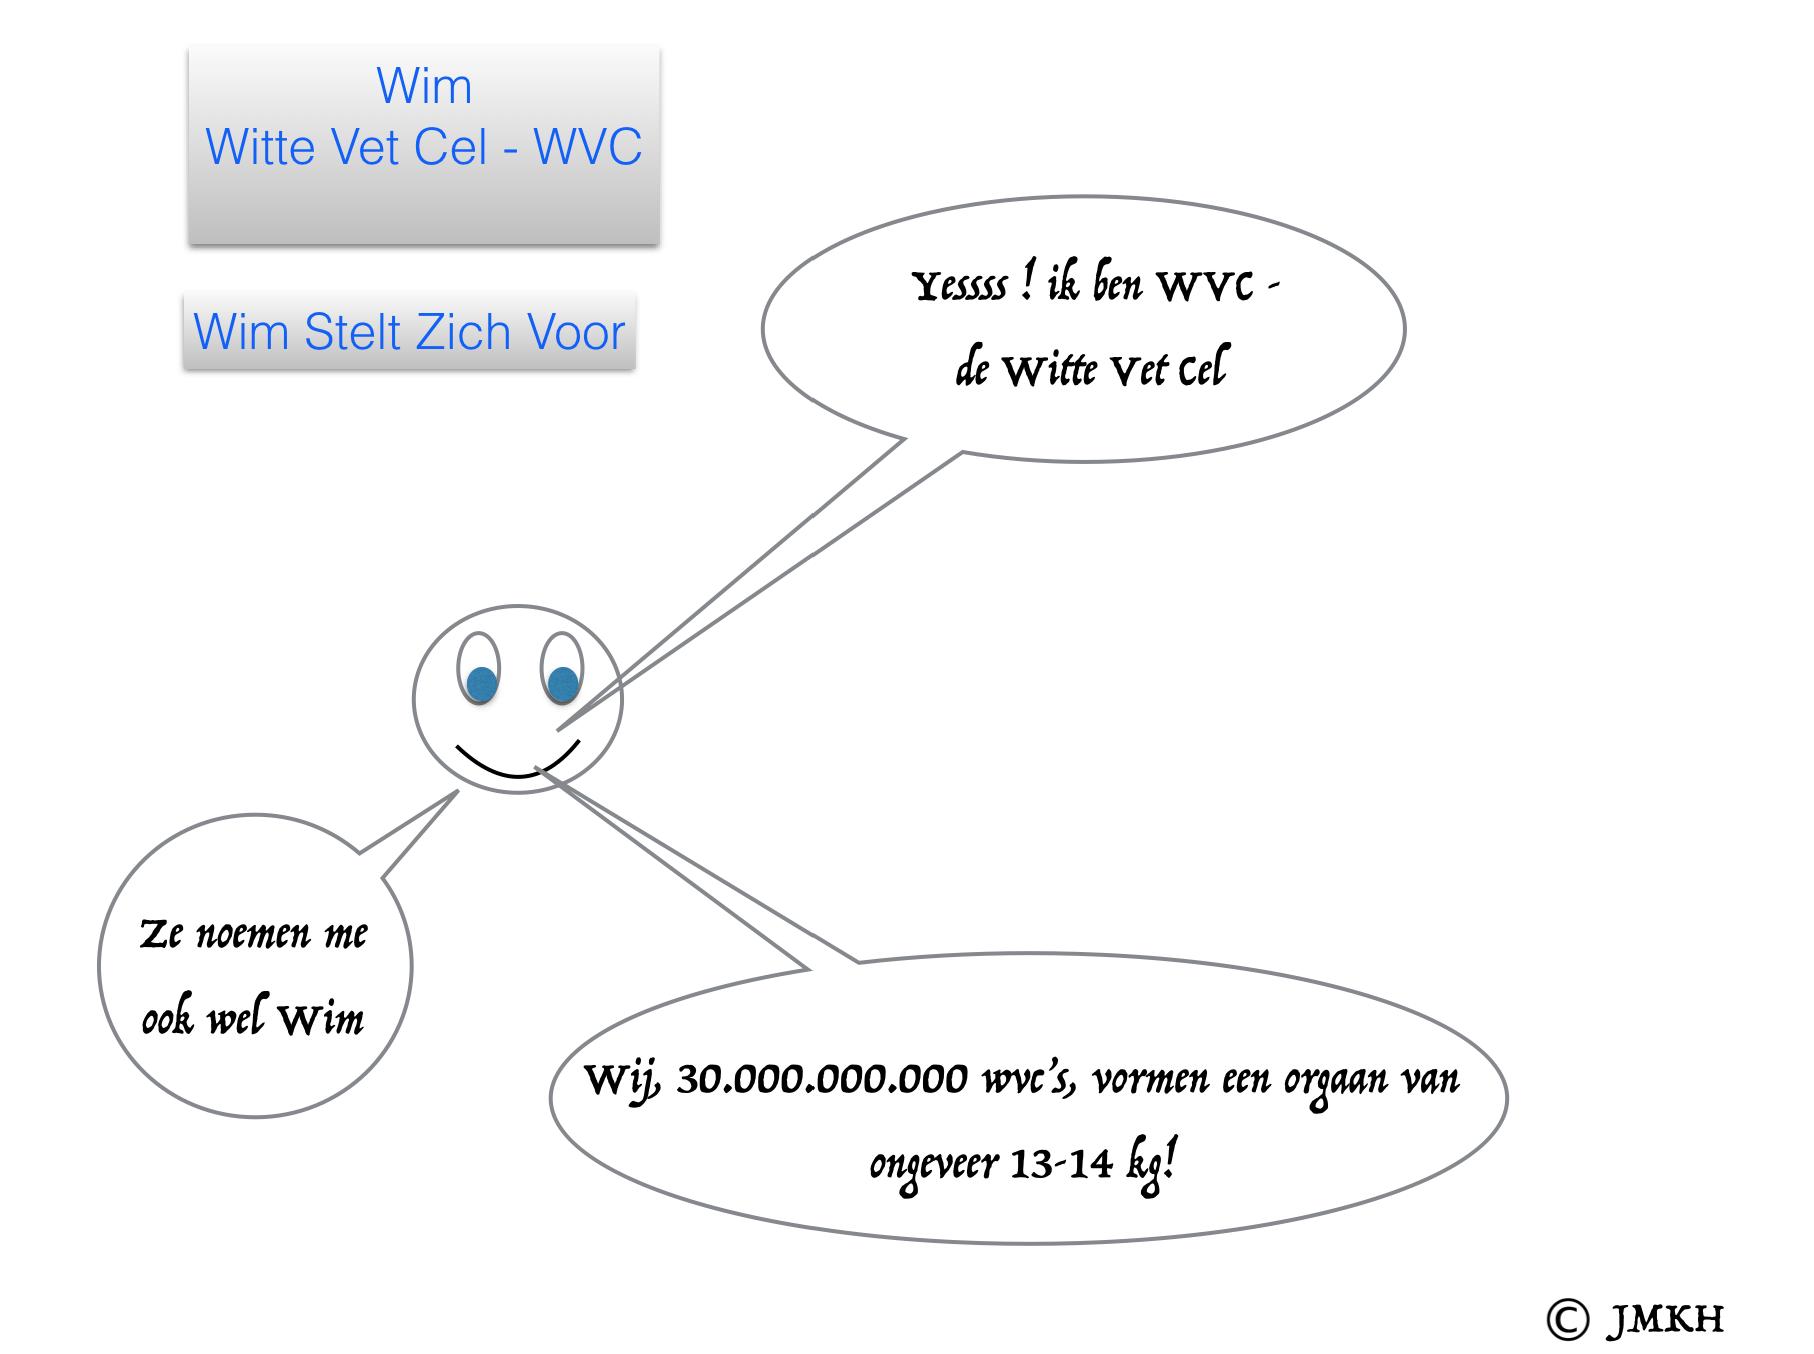 Wim - de Witte Vetcel